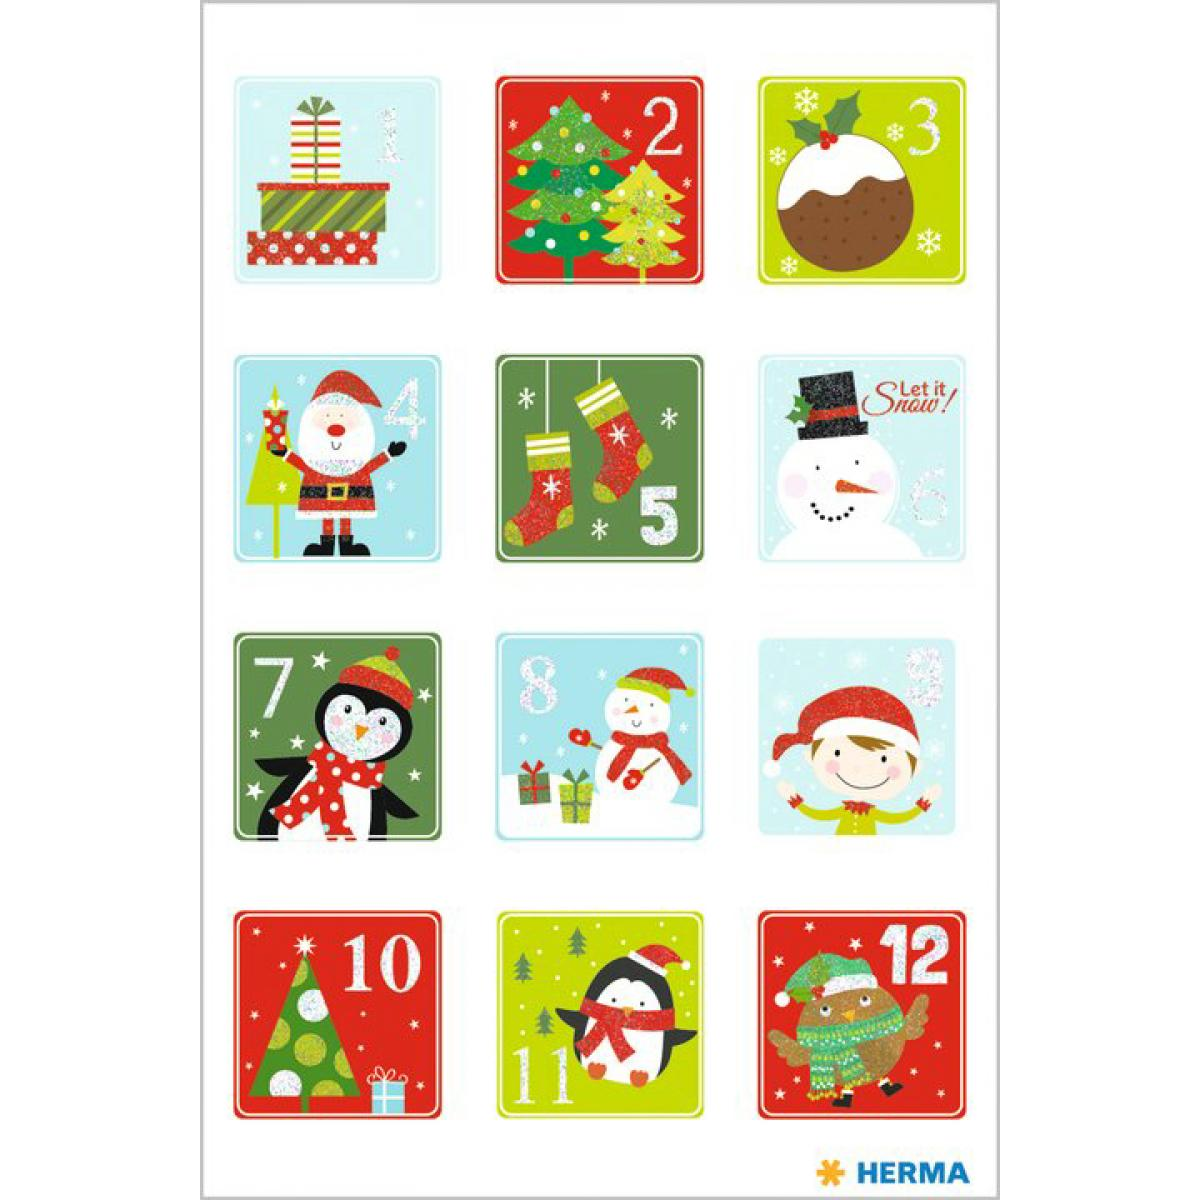 Herma DECOR Sticker Weihnachtsbären